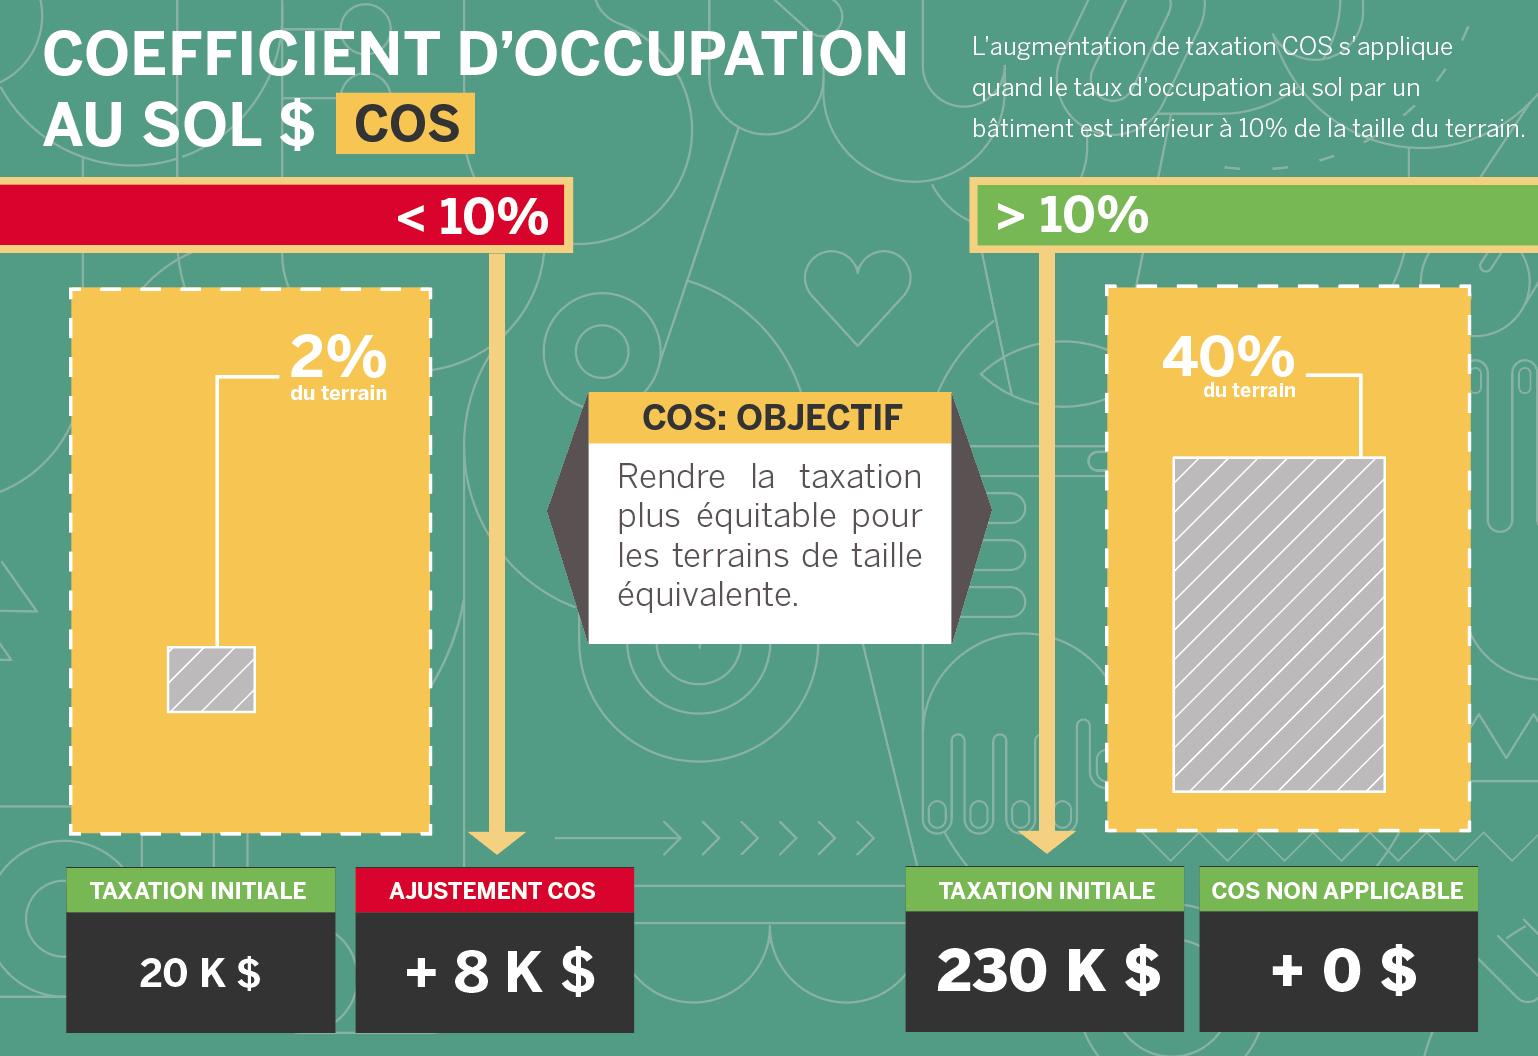 Coefficient d'occupation au sol (2)